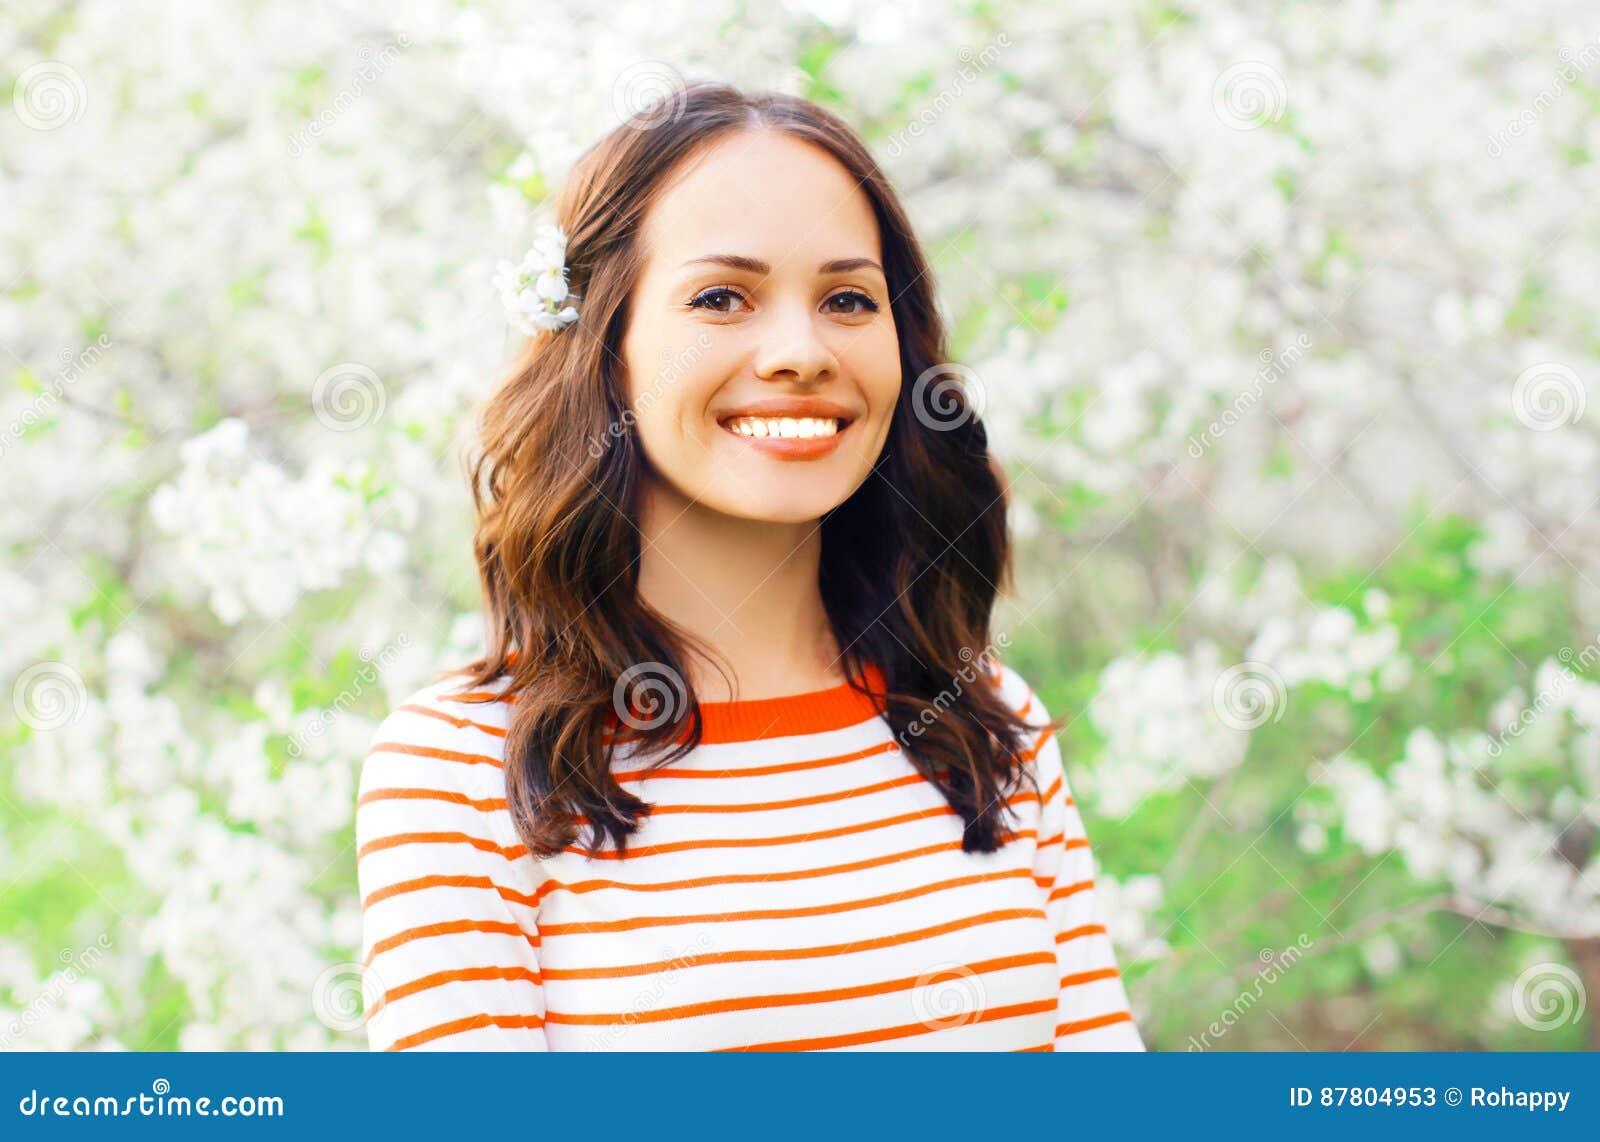 Portret gelukkige glimlachende jonge vrouw over witte de lentebloemen